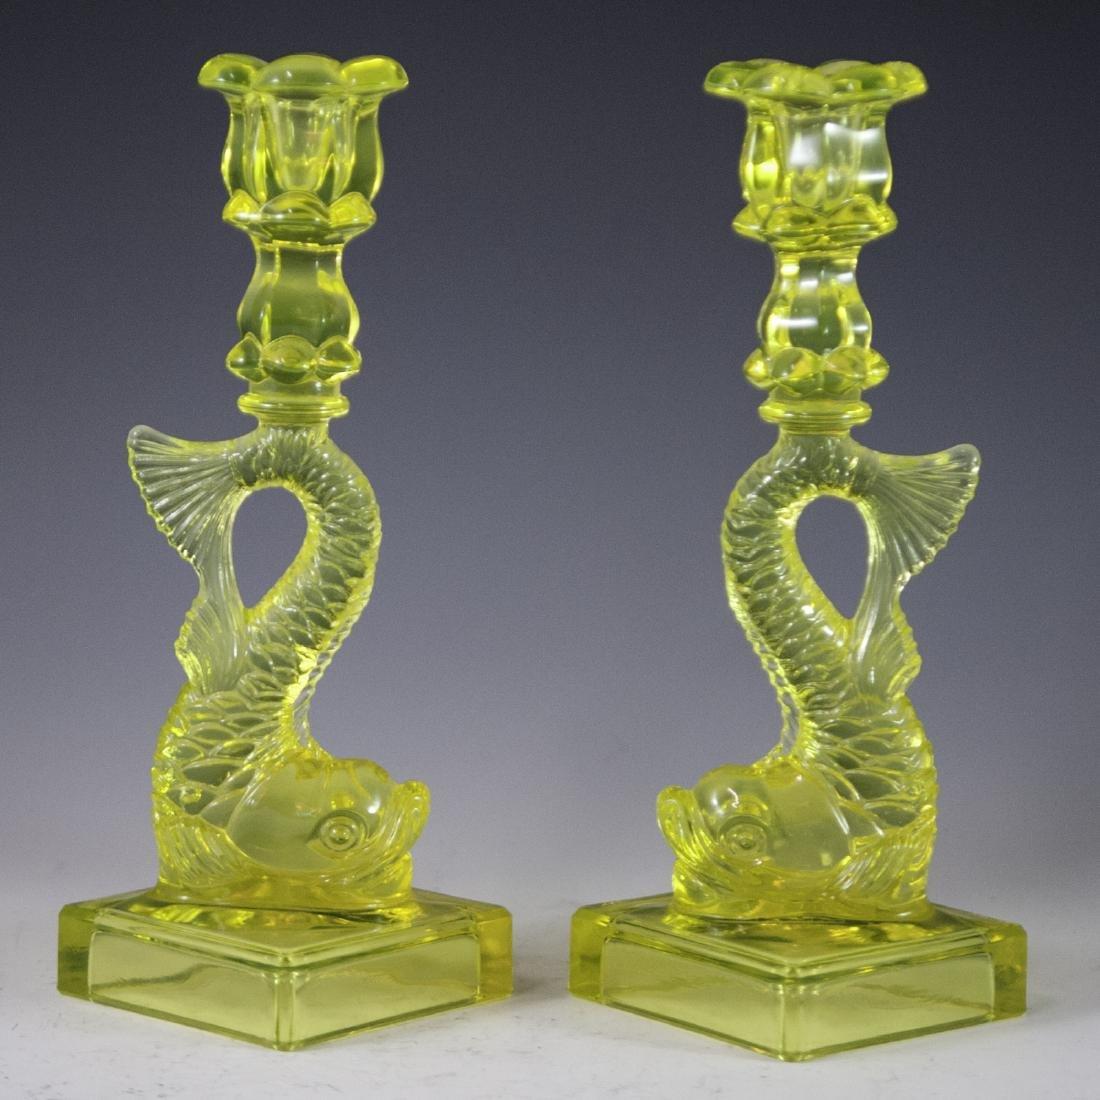 Metropolitan Museum of Art Canary Glass Candlesticks